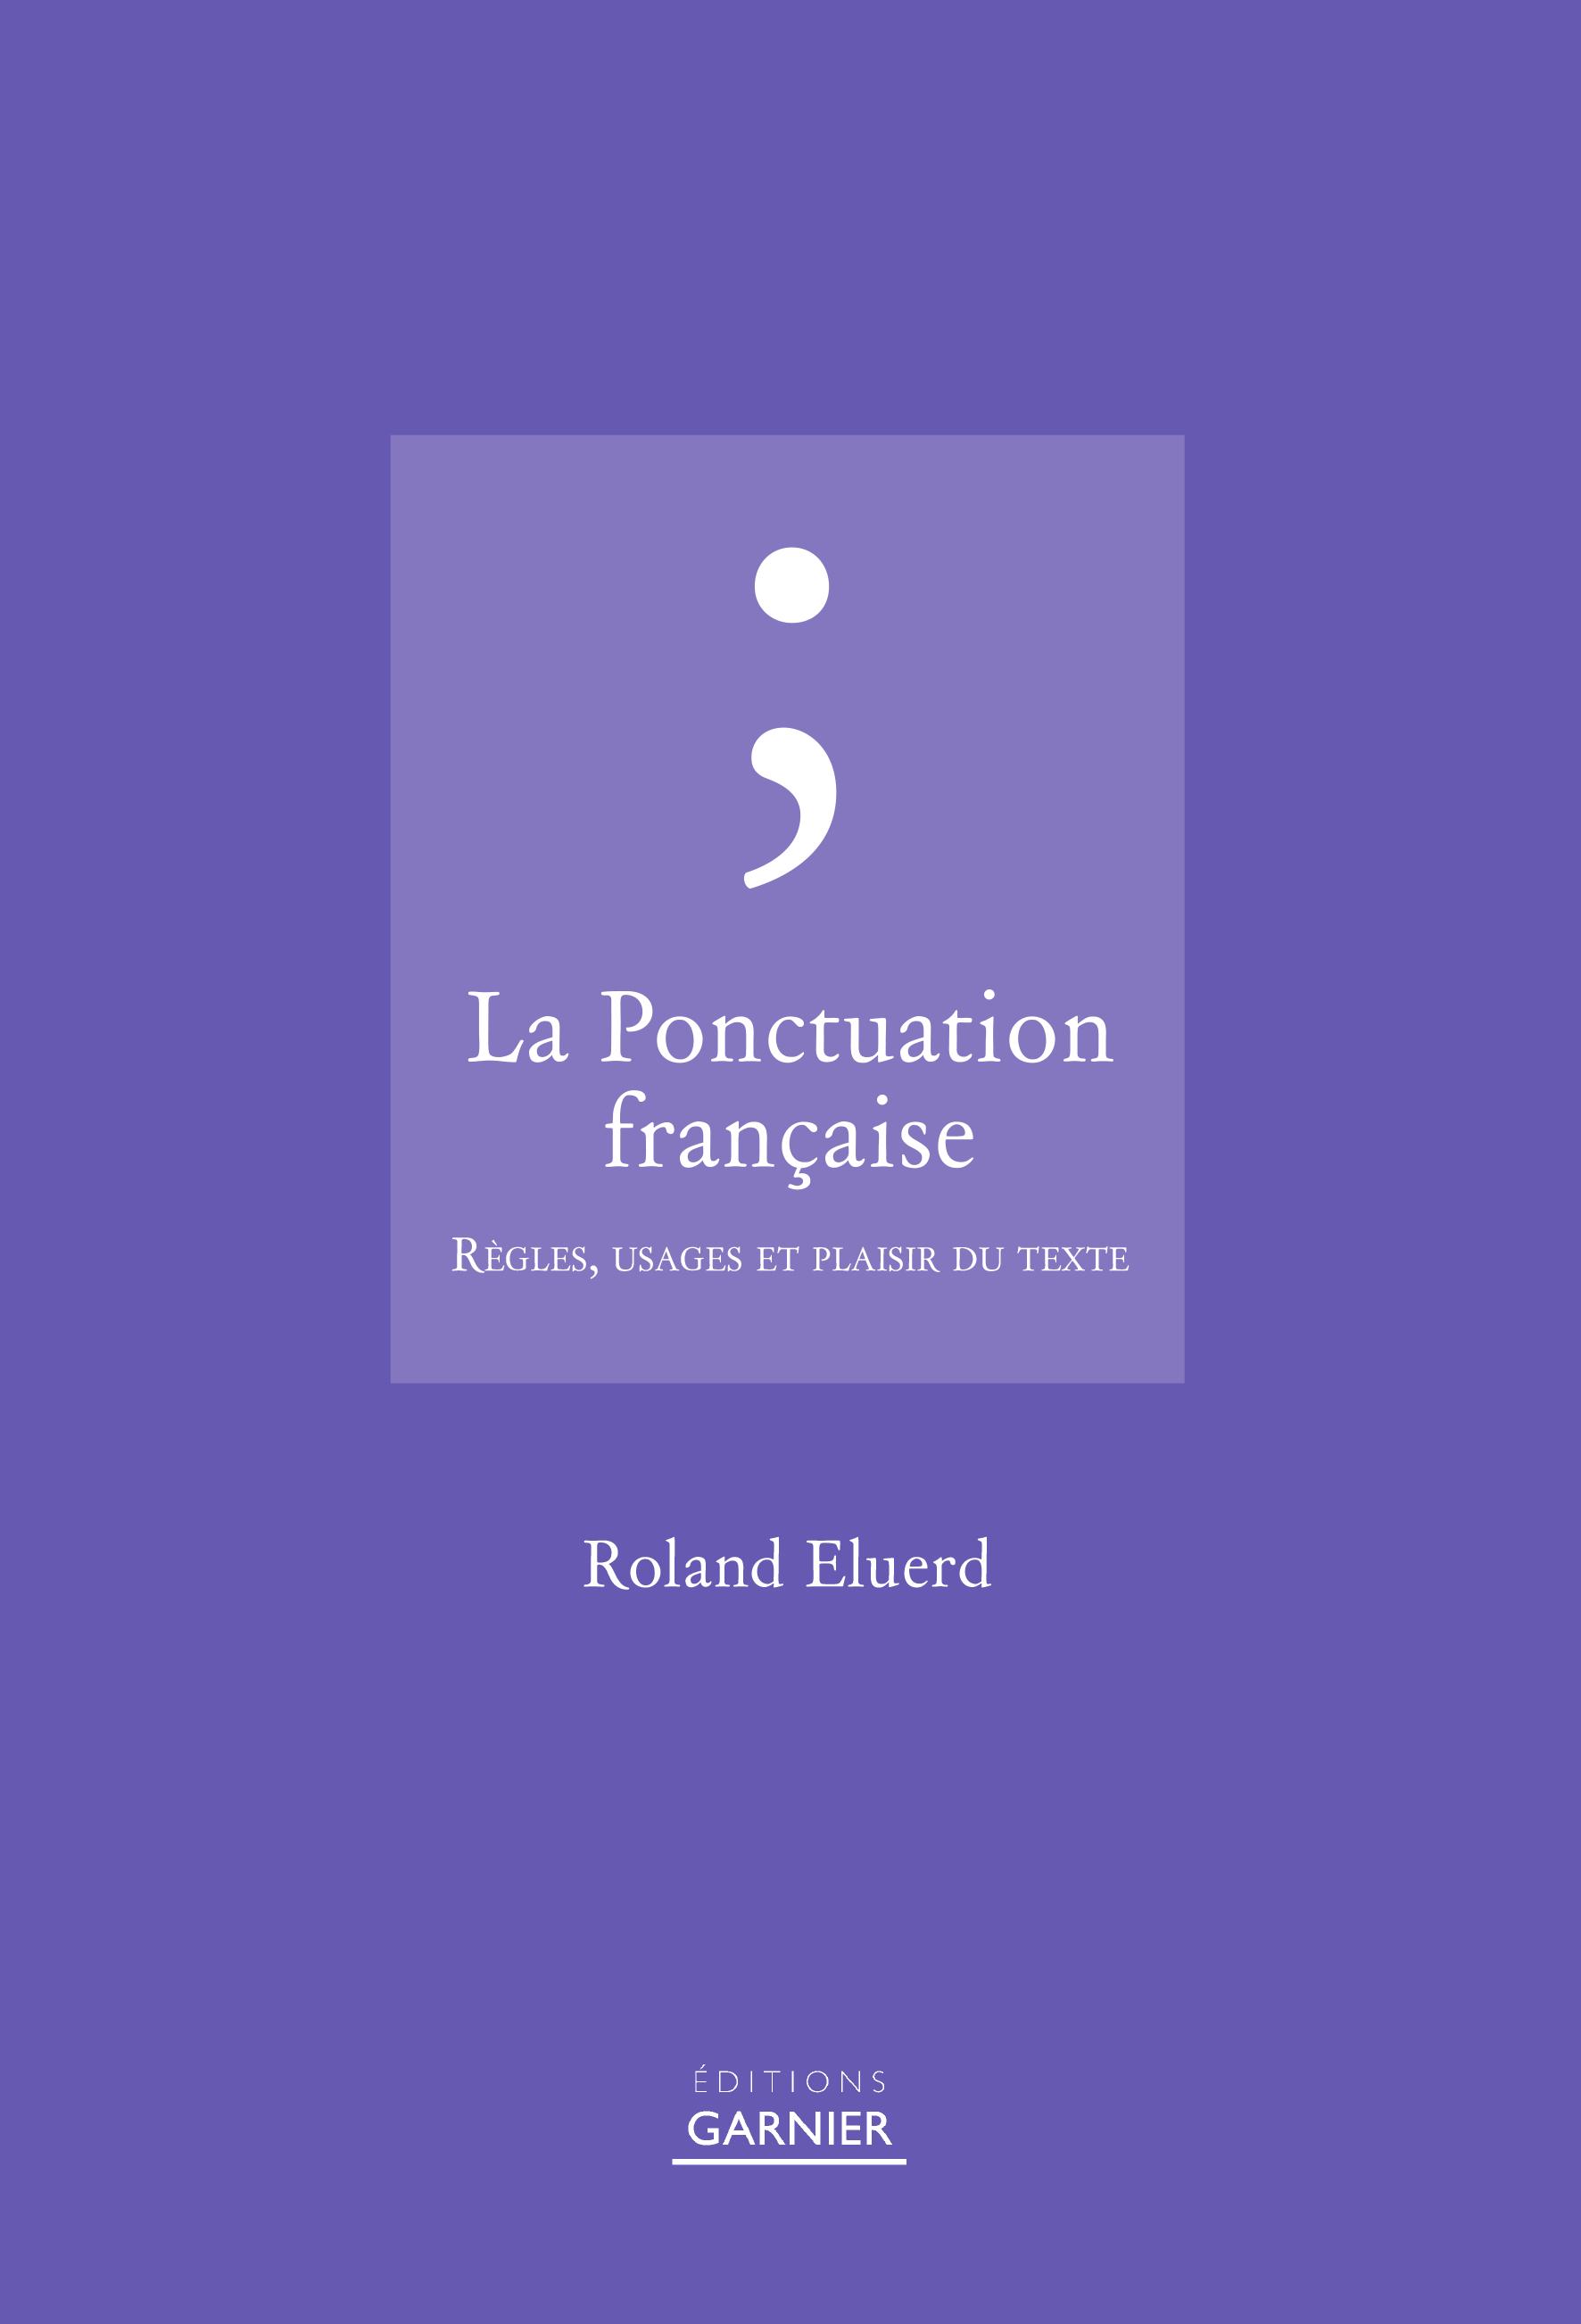 LA PONCTUATION FRANCAISE